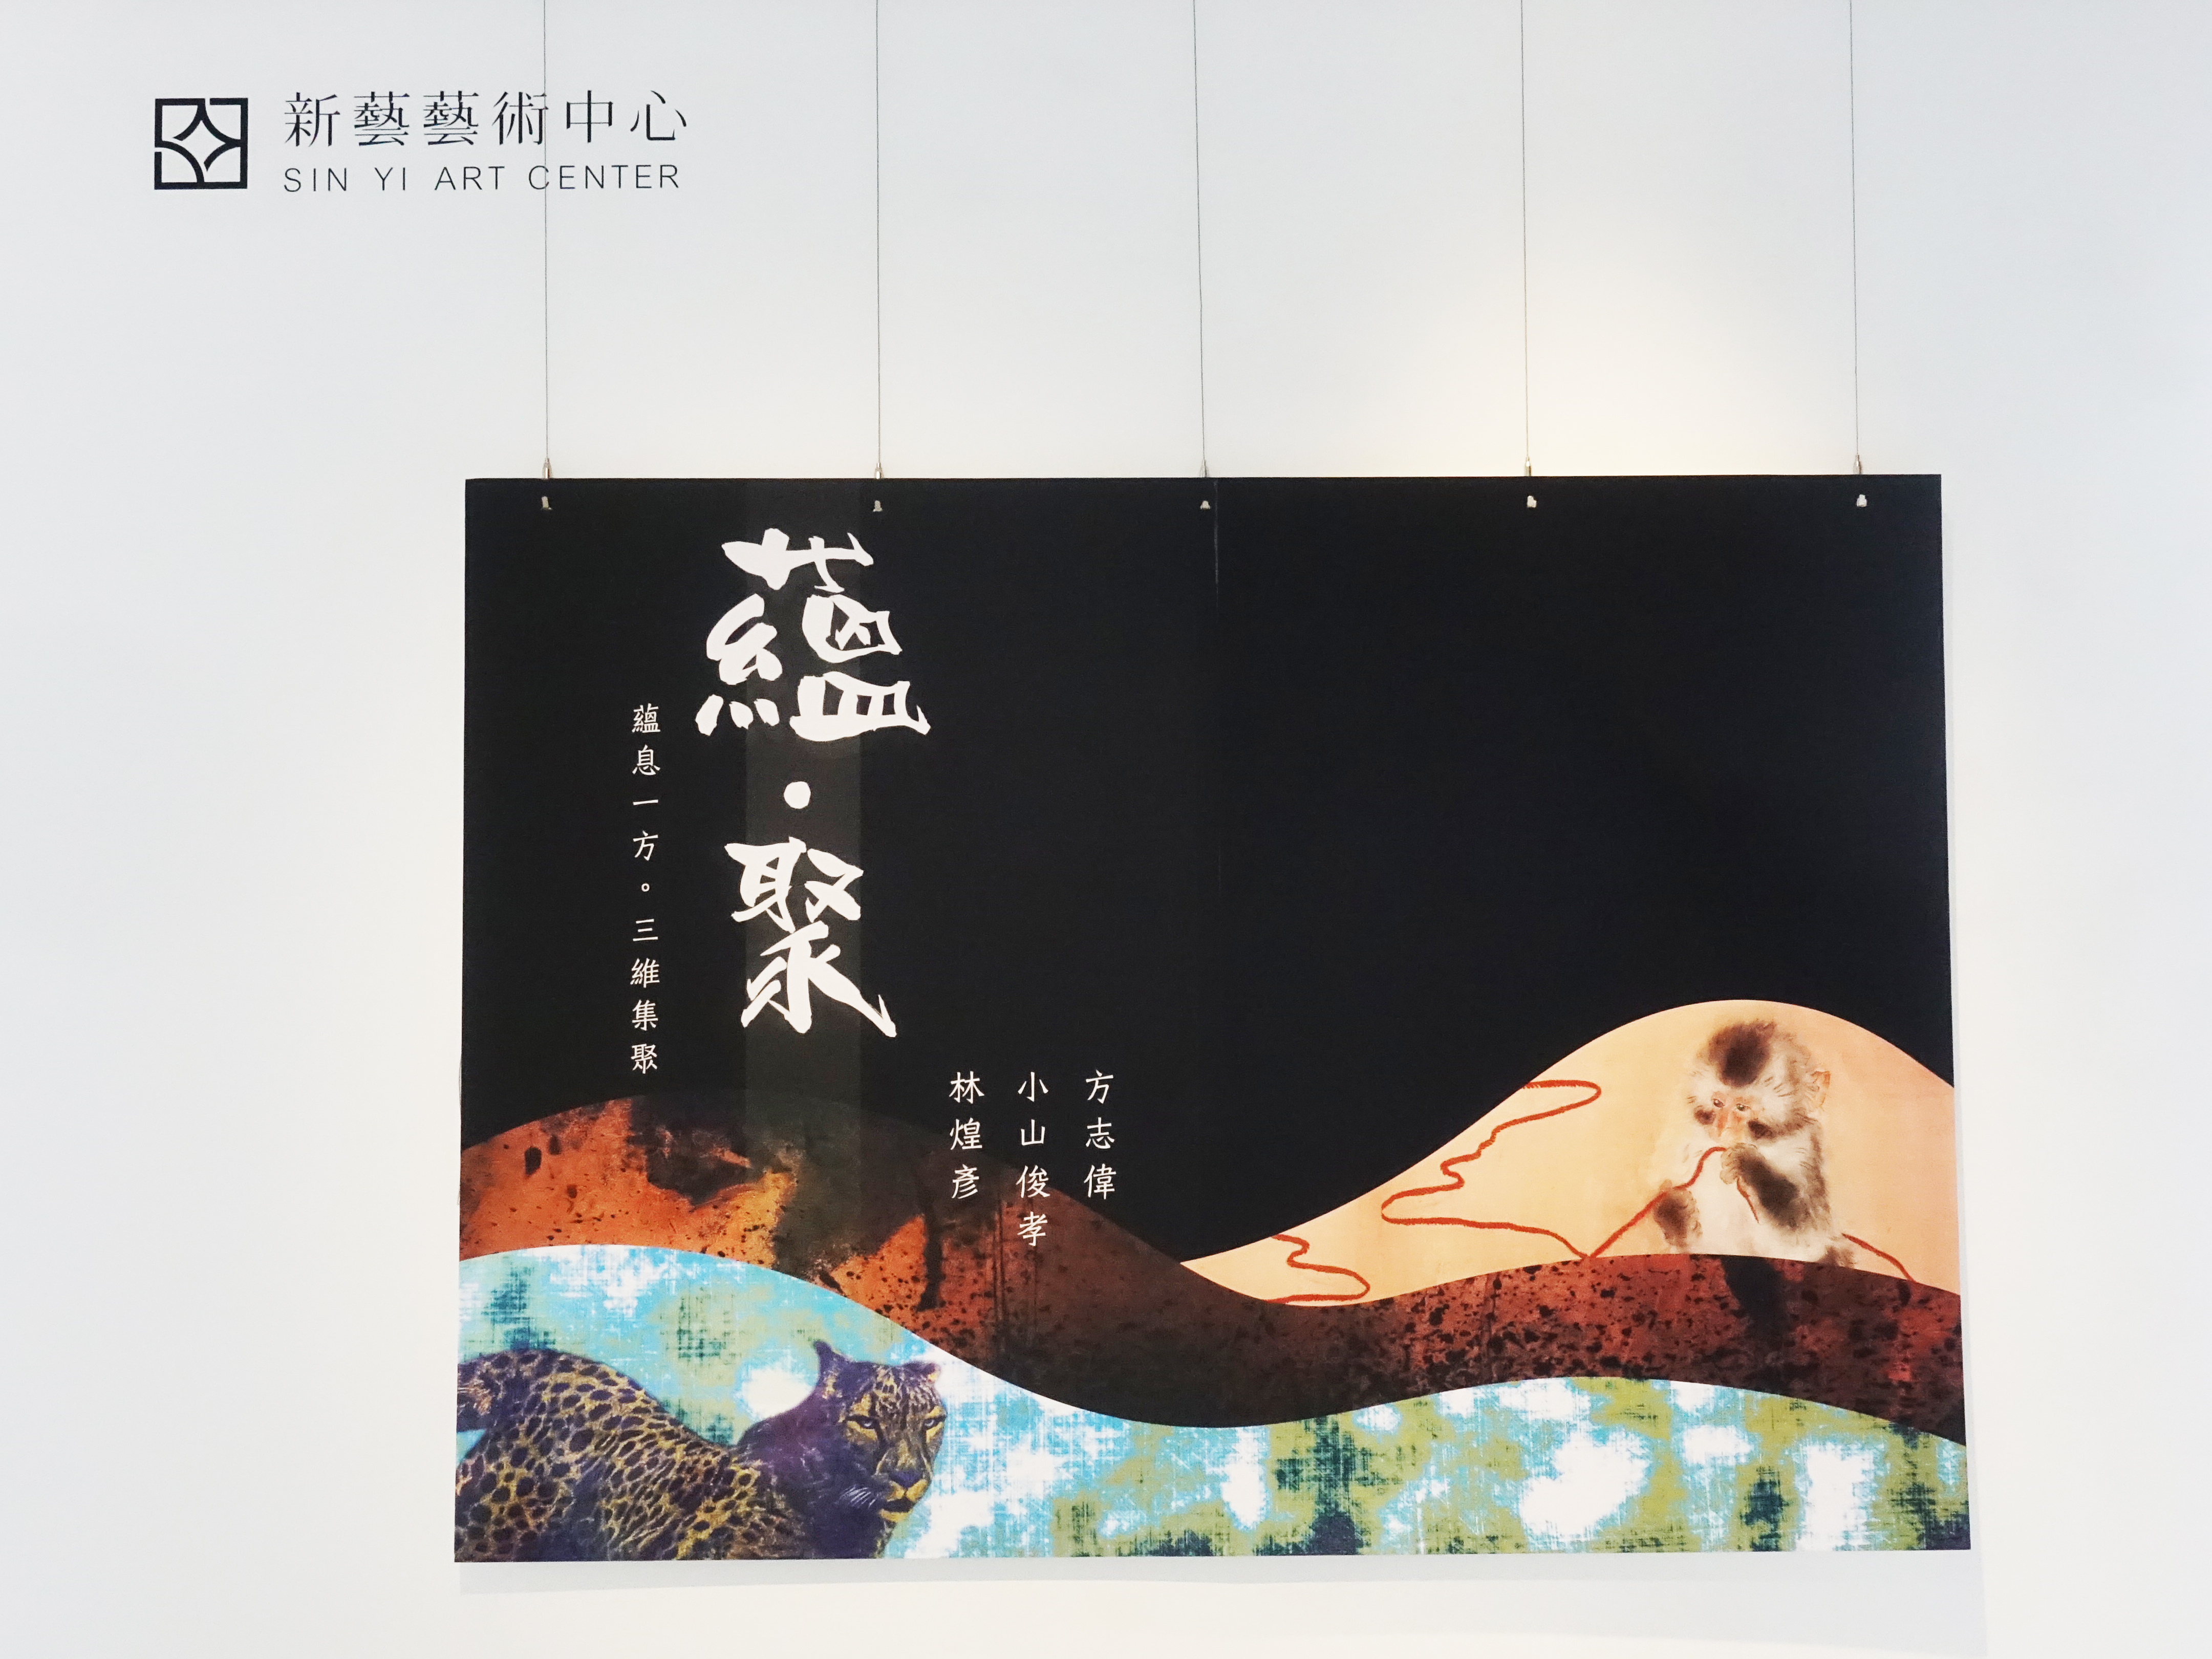 新藝藝術中心展出藝術家林煌彥、方志偉、小山俊孝聯展 「蘊•聚」。